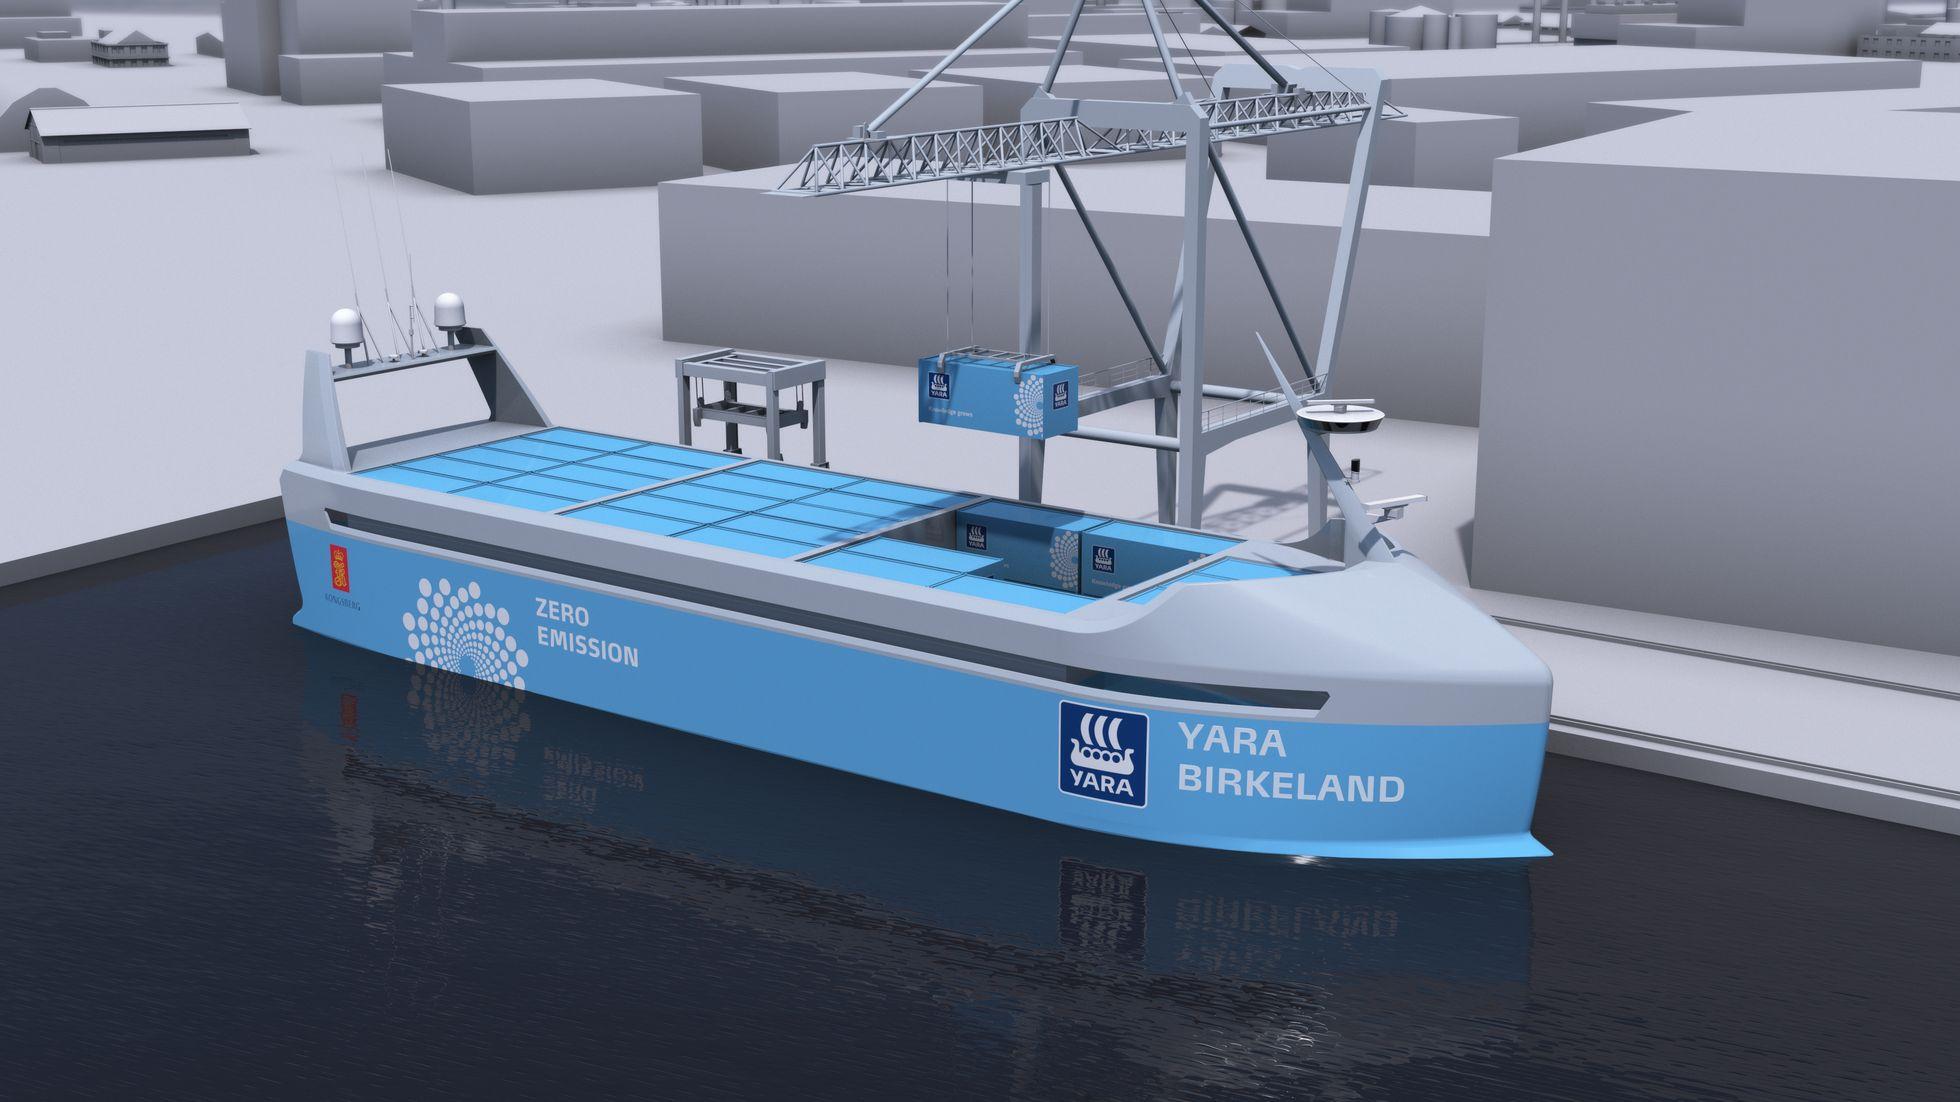 Schifffahrt: Yara Birkeland wird der erste autonome E-Frachter - Be- und Entladen erfolgt automatisiert. (Bild: Kongsberg)